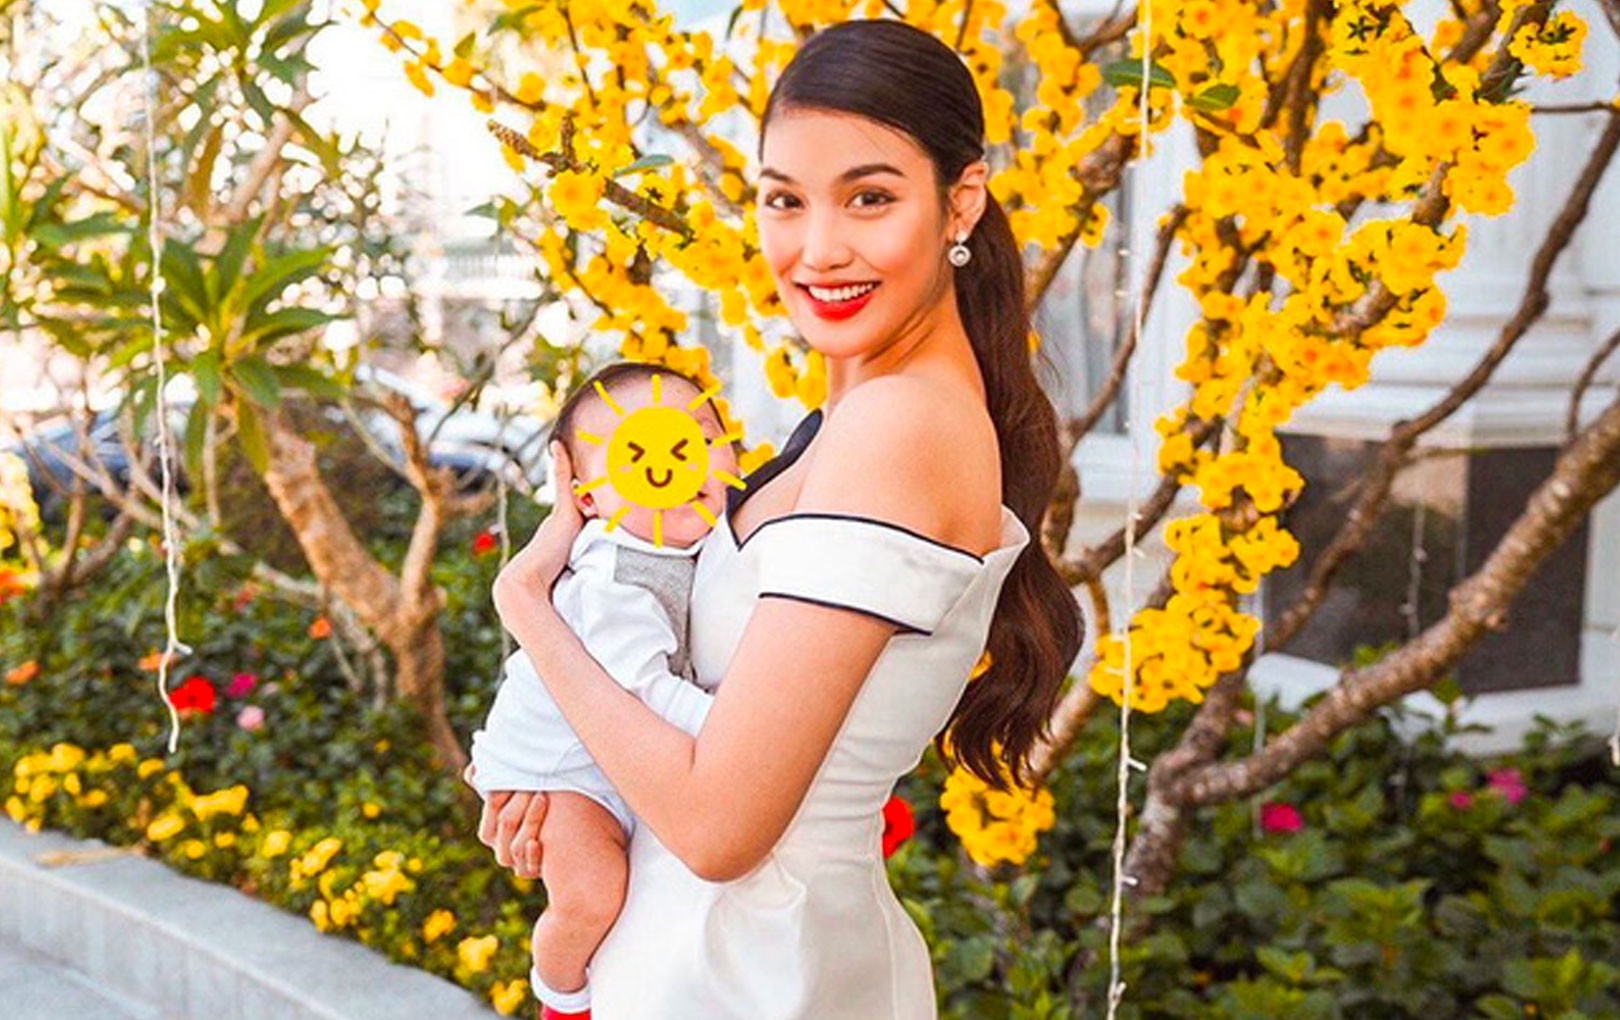 Con trai Lan Khuê được mẹ tuyên bố tài sản thừa kế đầu tiên chỉ mới 2 tháng tuổi